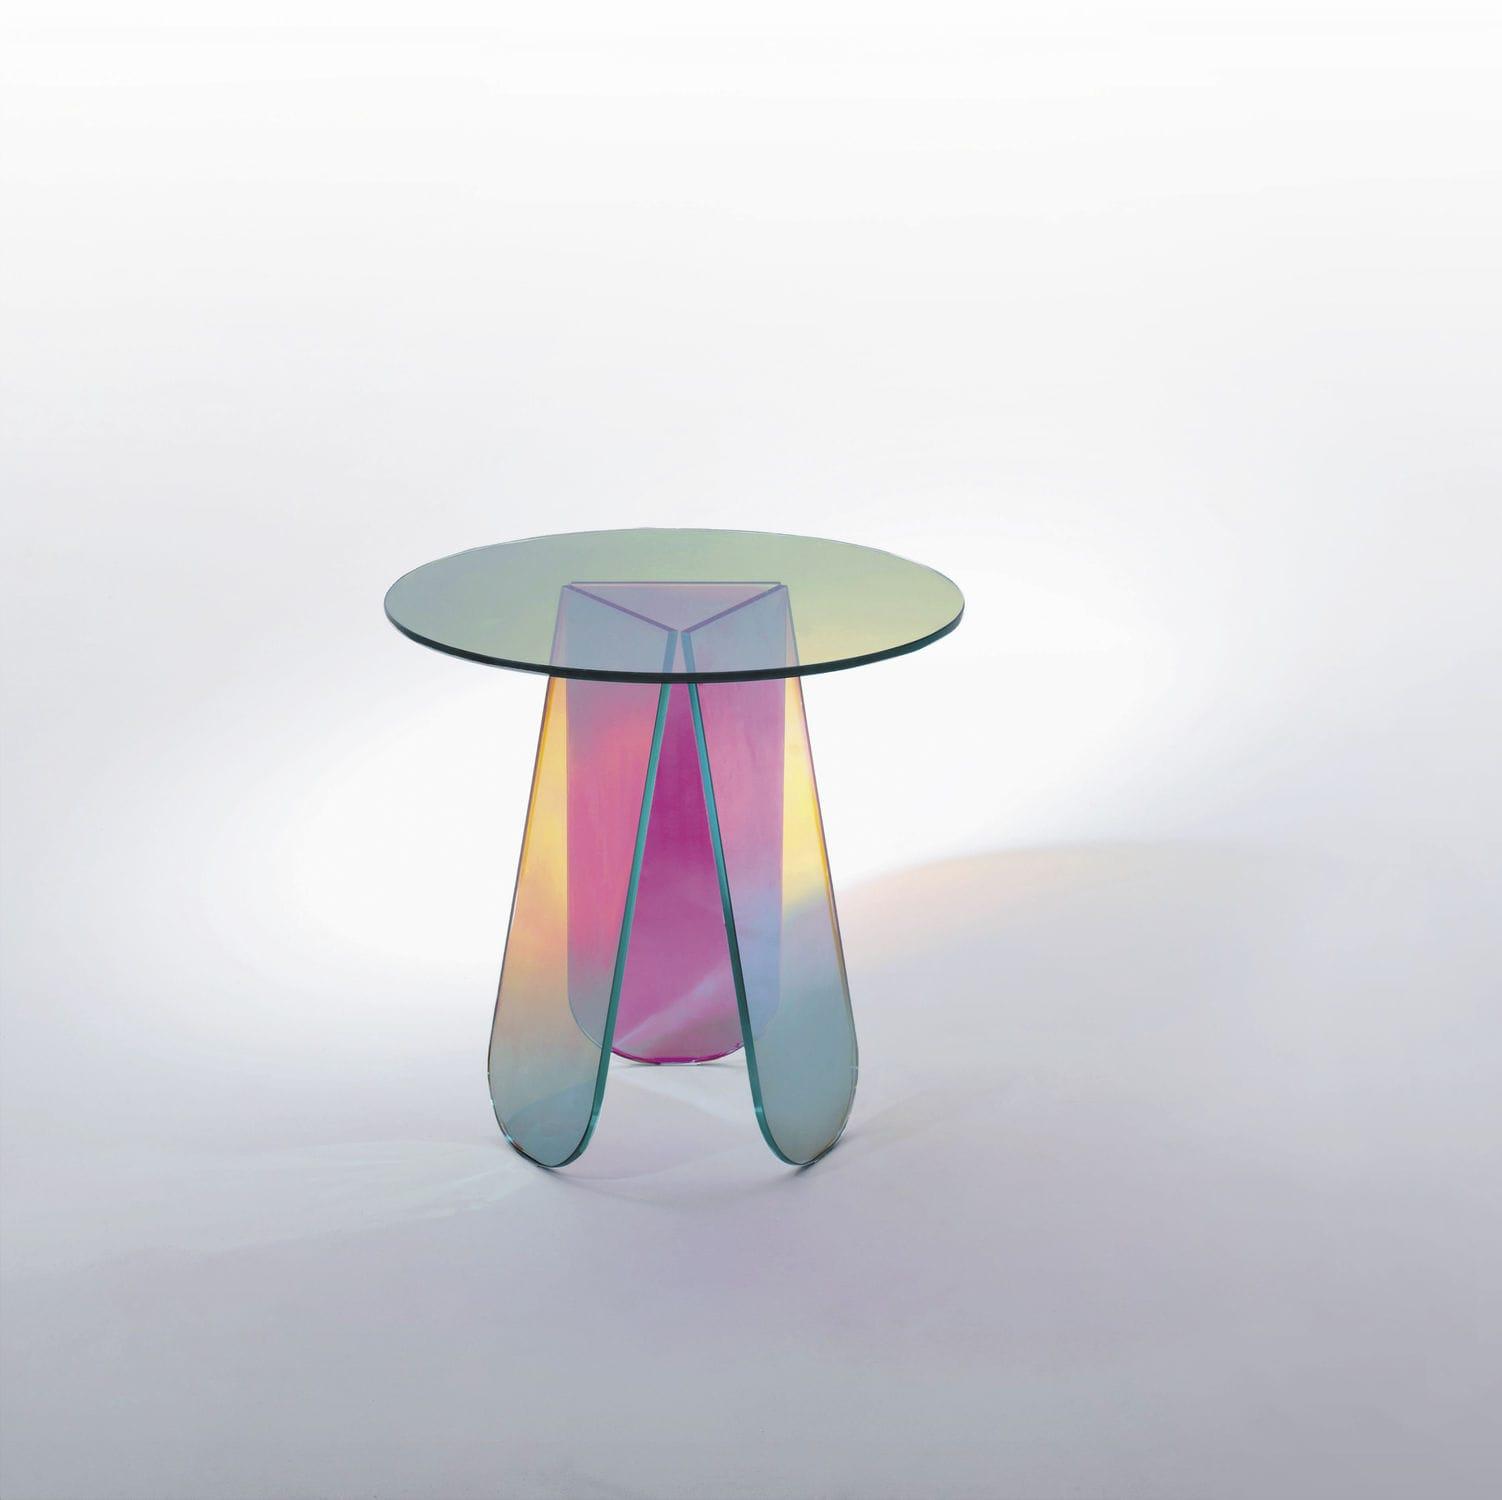 Innenarchitektur Couchtisch Glas Oval Referenz Von Moderner / / Rund / - Shimmer